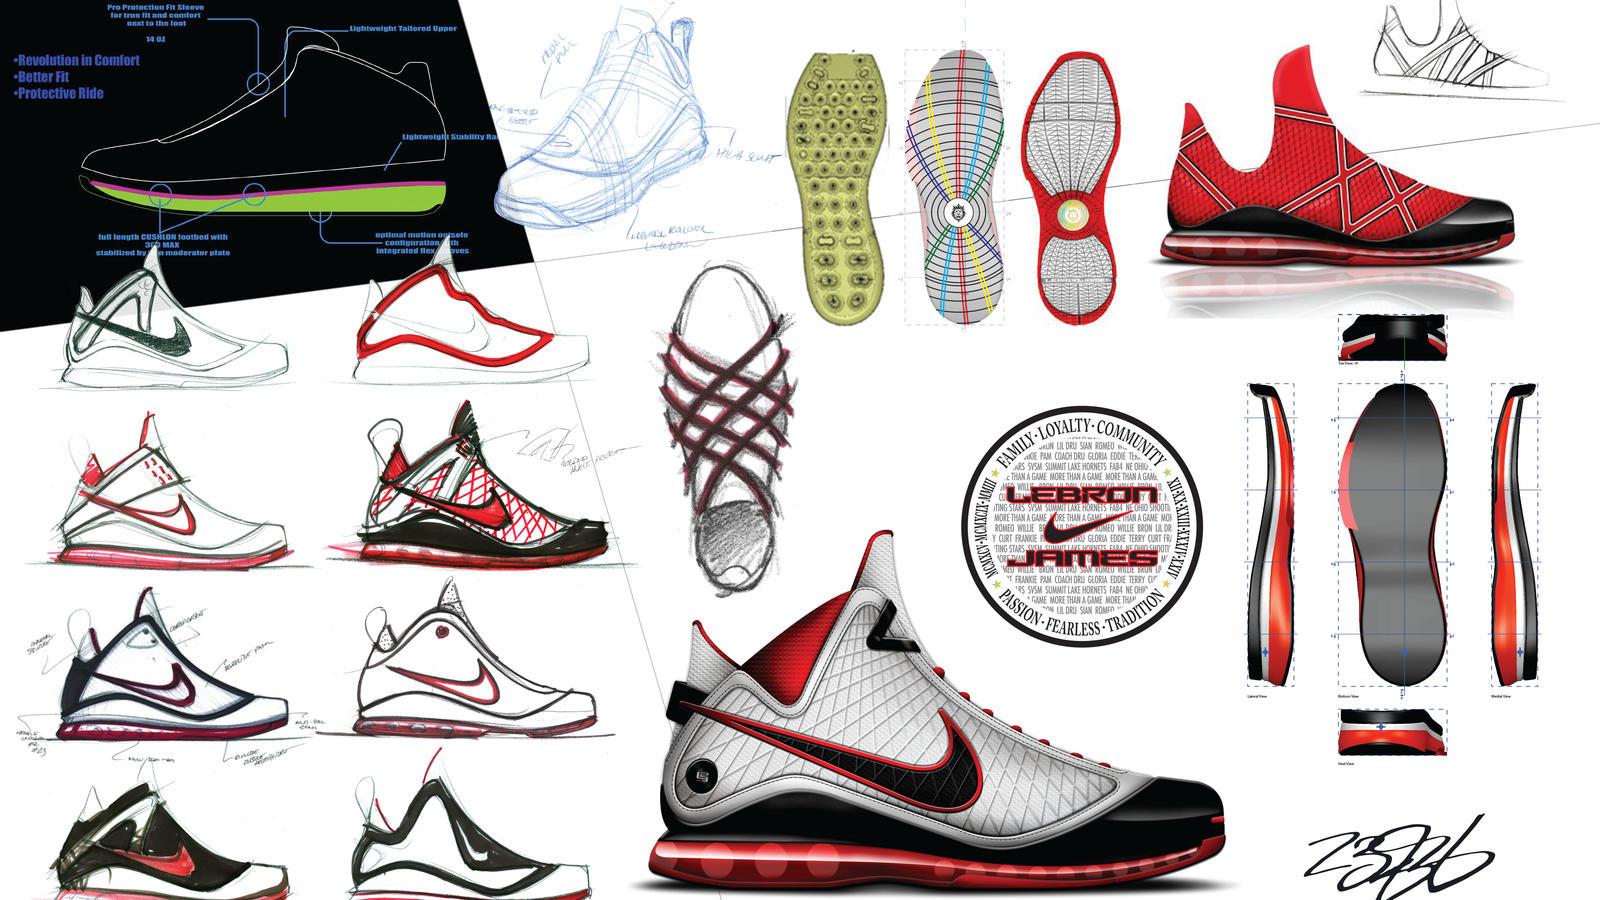 Air Max LEBRON 7 History - Nike News